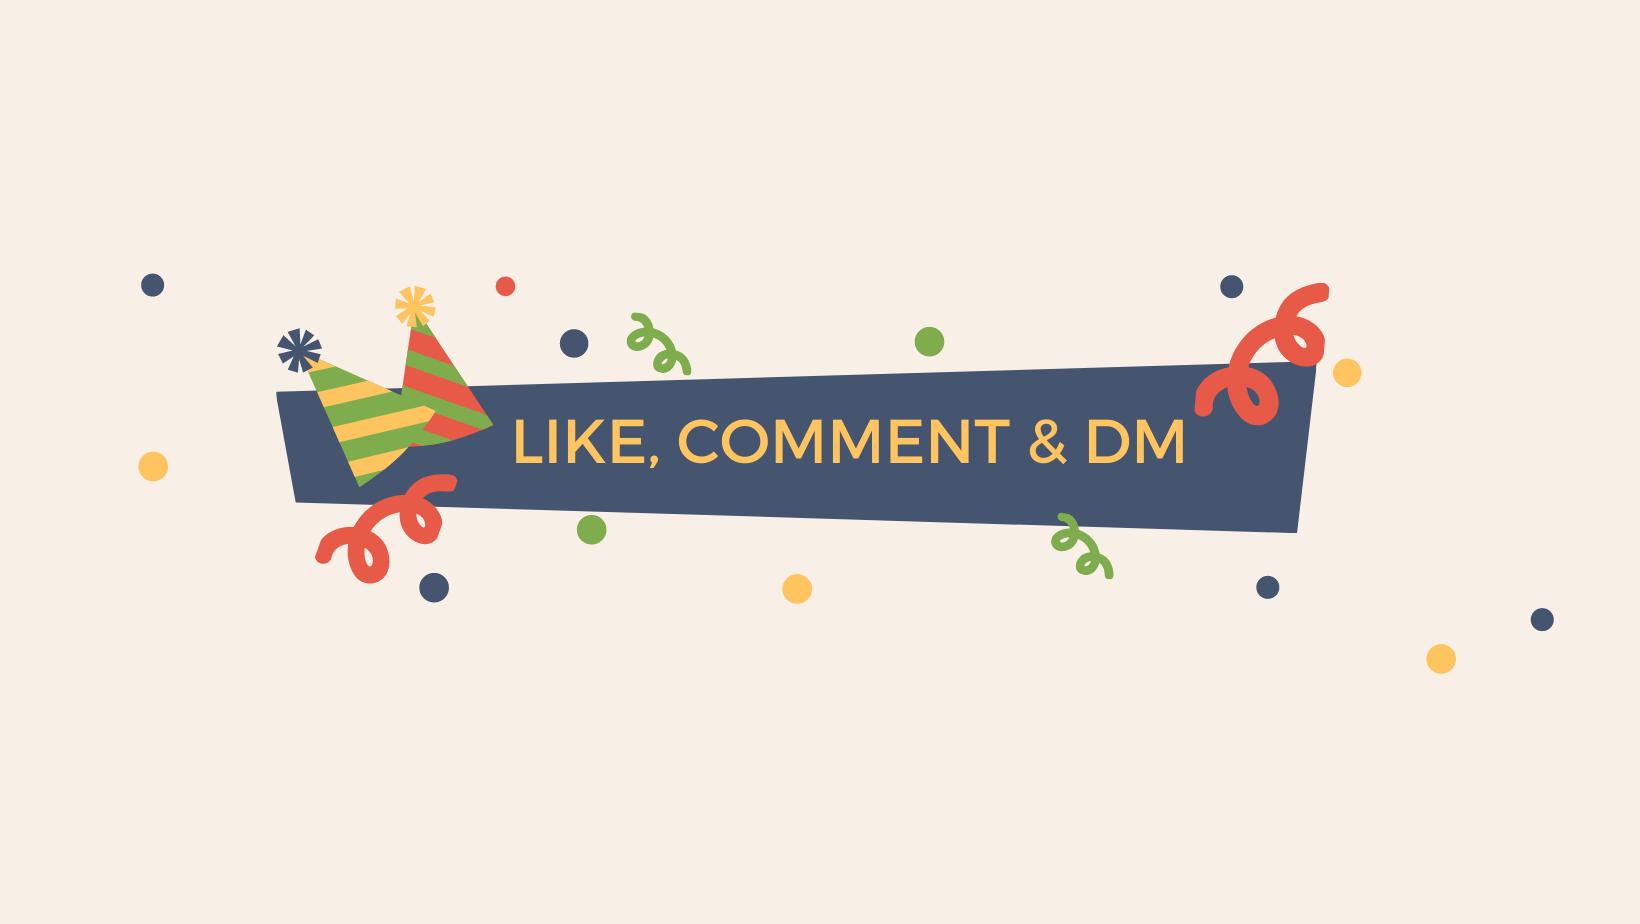 Interaktionen Facebook Gewinnspiel